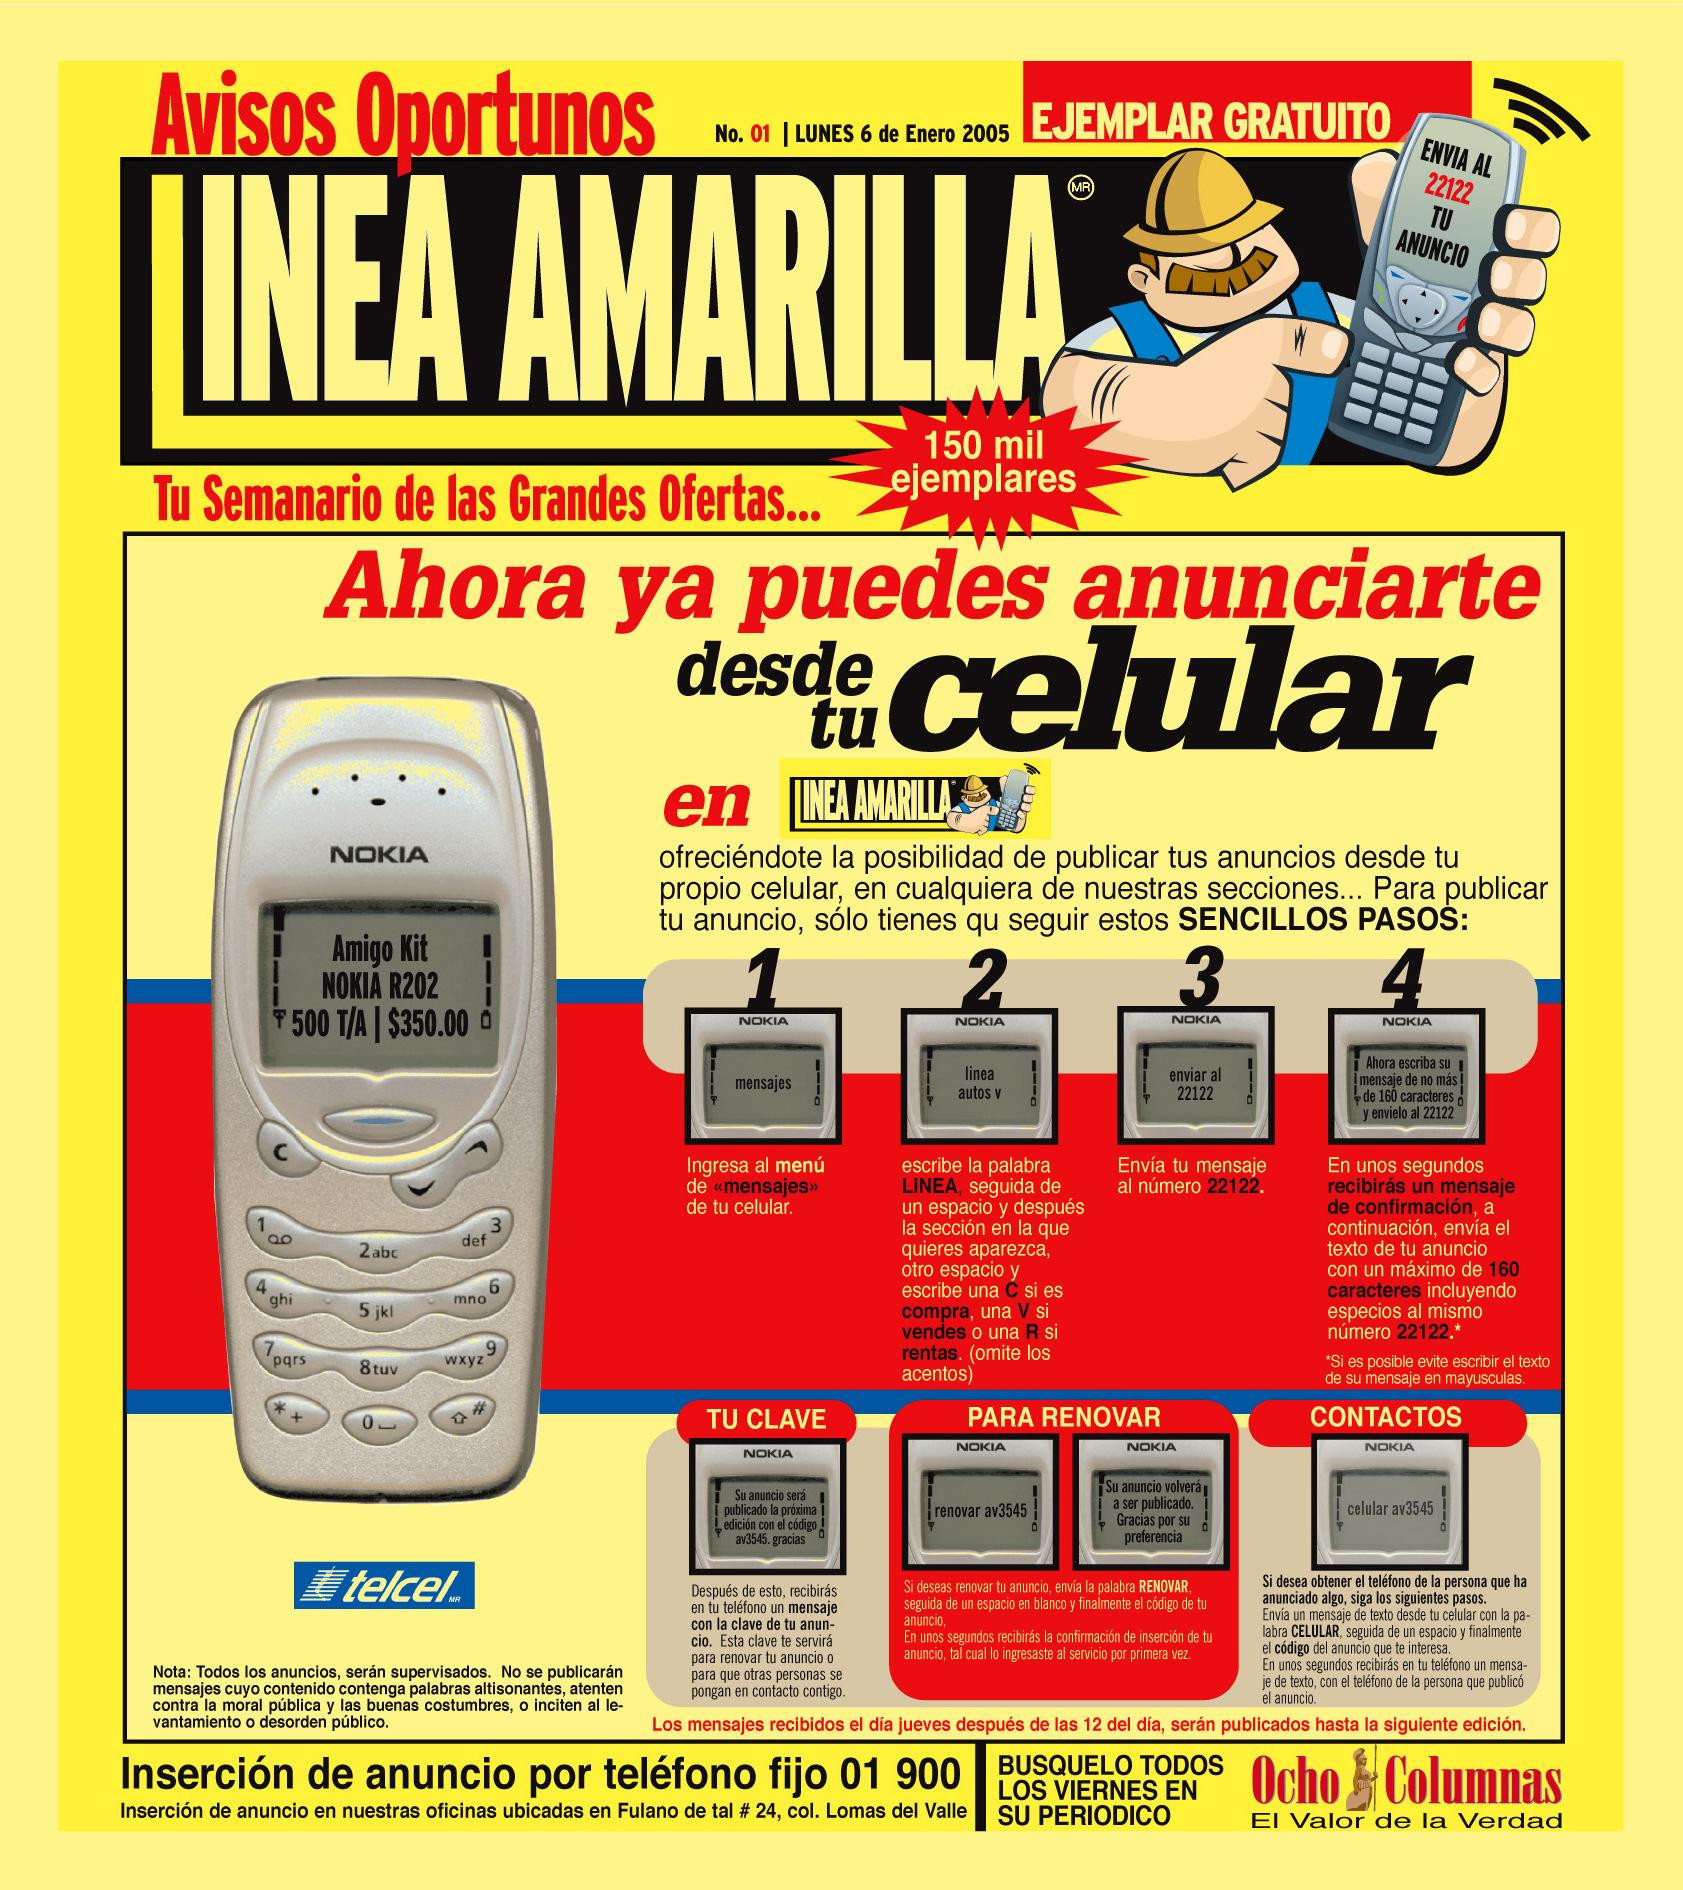 SEMANARIO LINEA AMARILLA